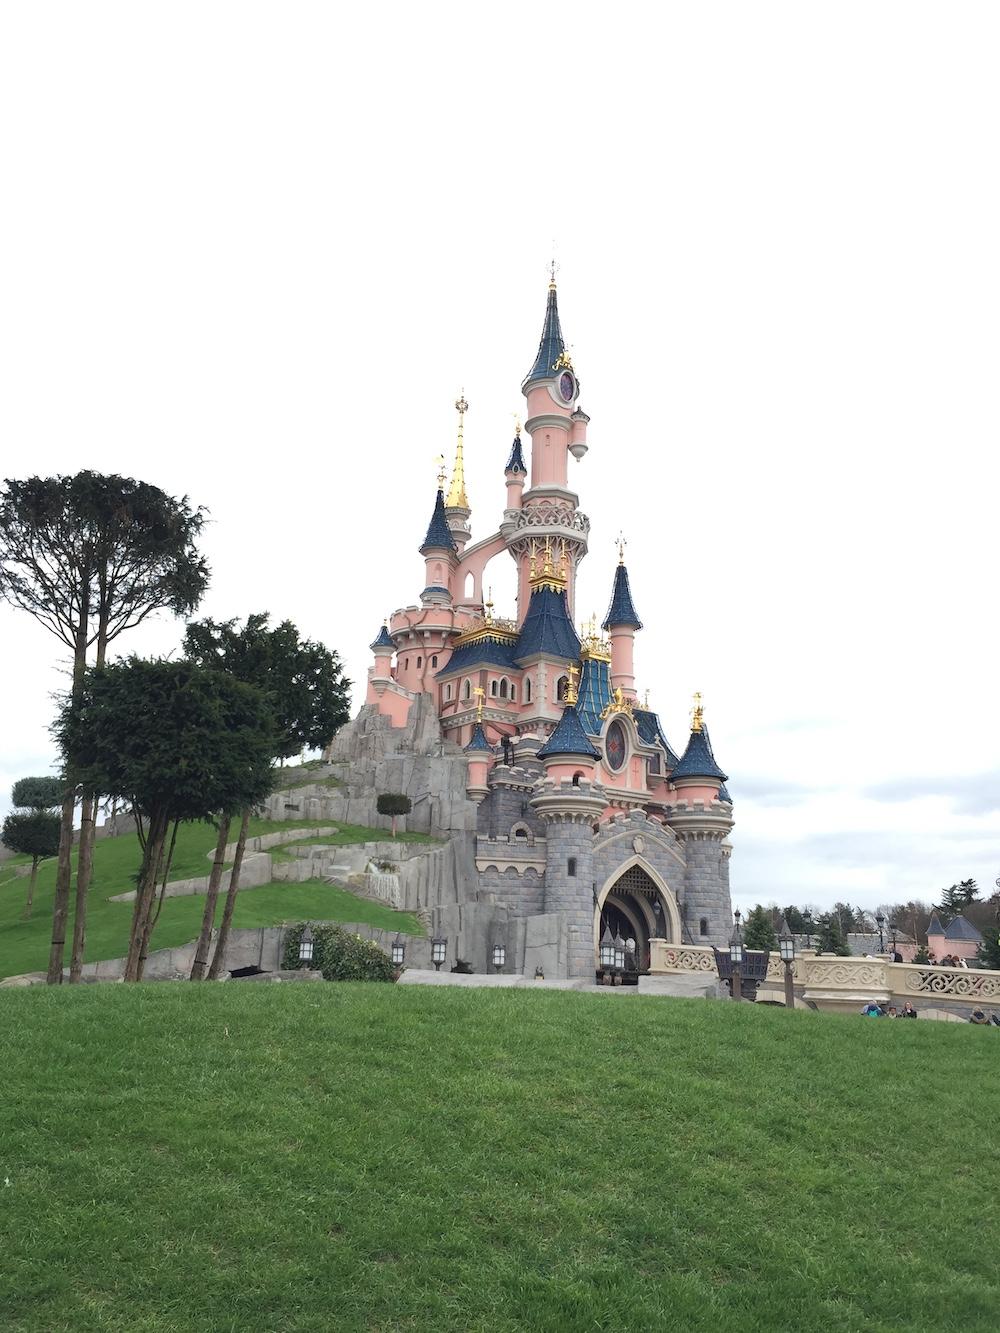 Disneyland parijs attracties roze kasteel